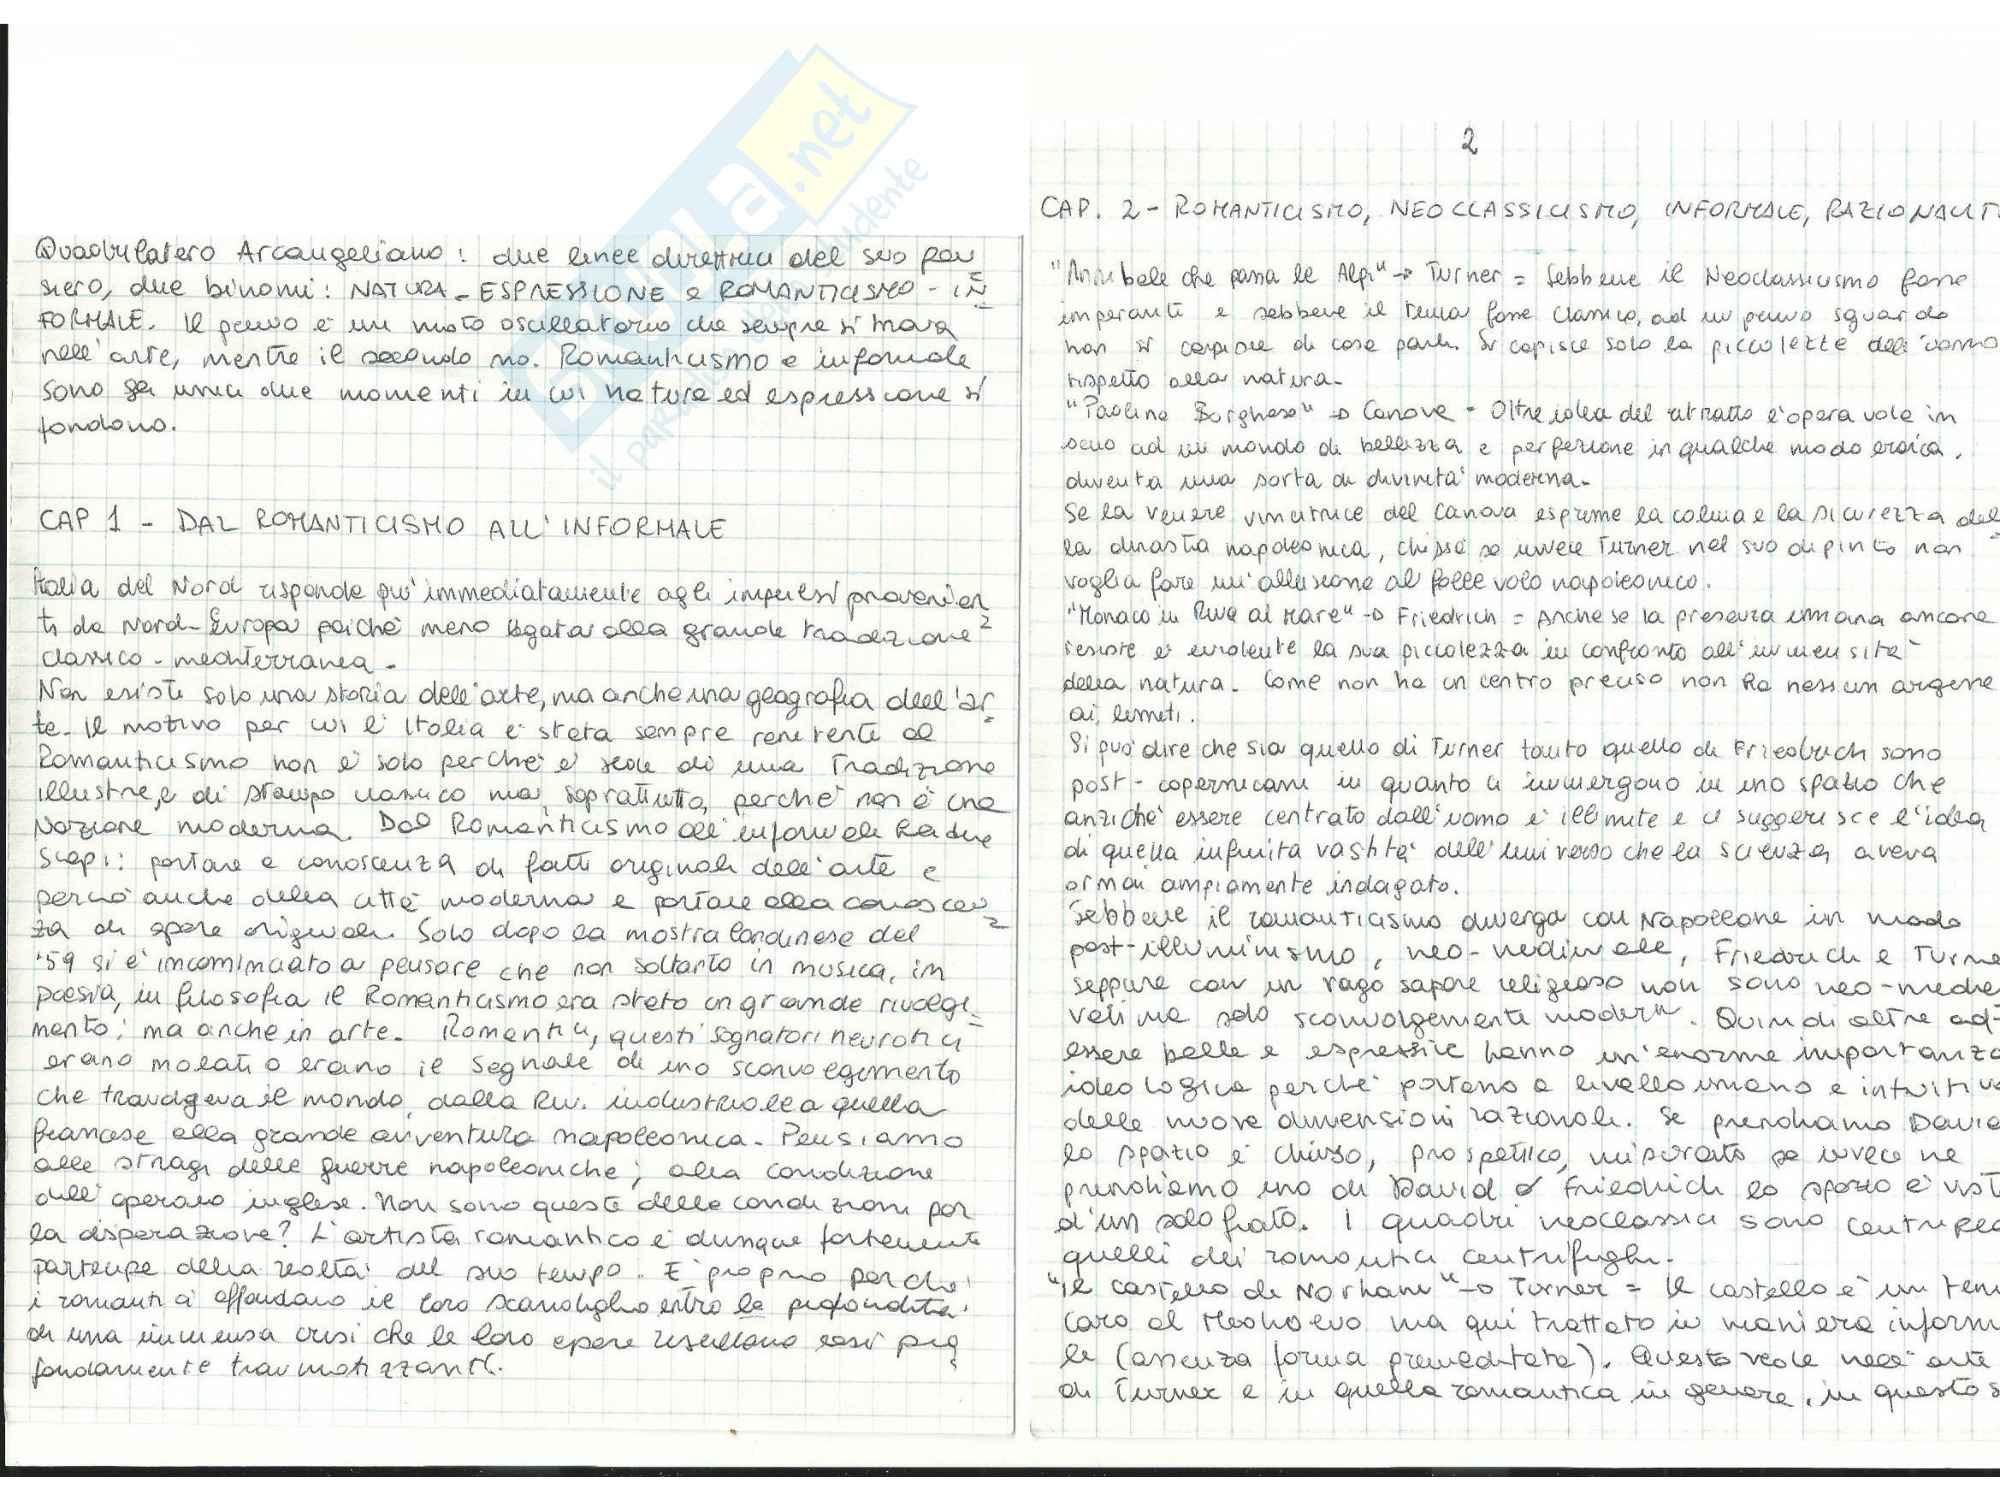 Riassunto esame Storia dell'Arte Contemporanea, prof. Sbrilli, libro consigliato Dal Romanticismo all'Informal di Arcangeli